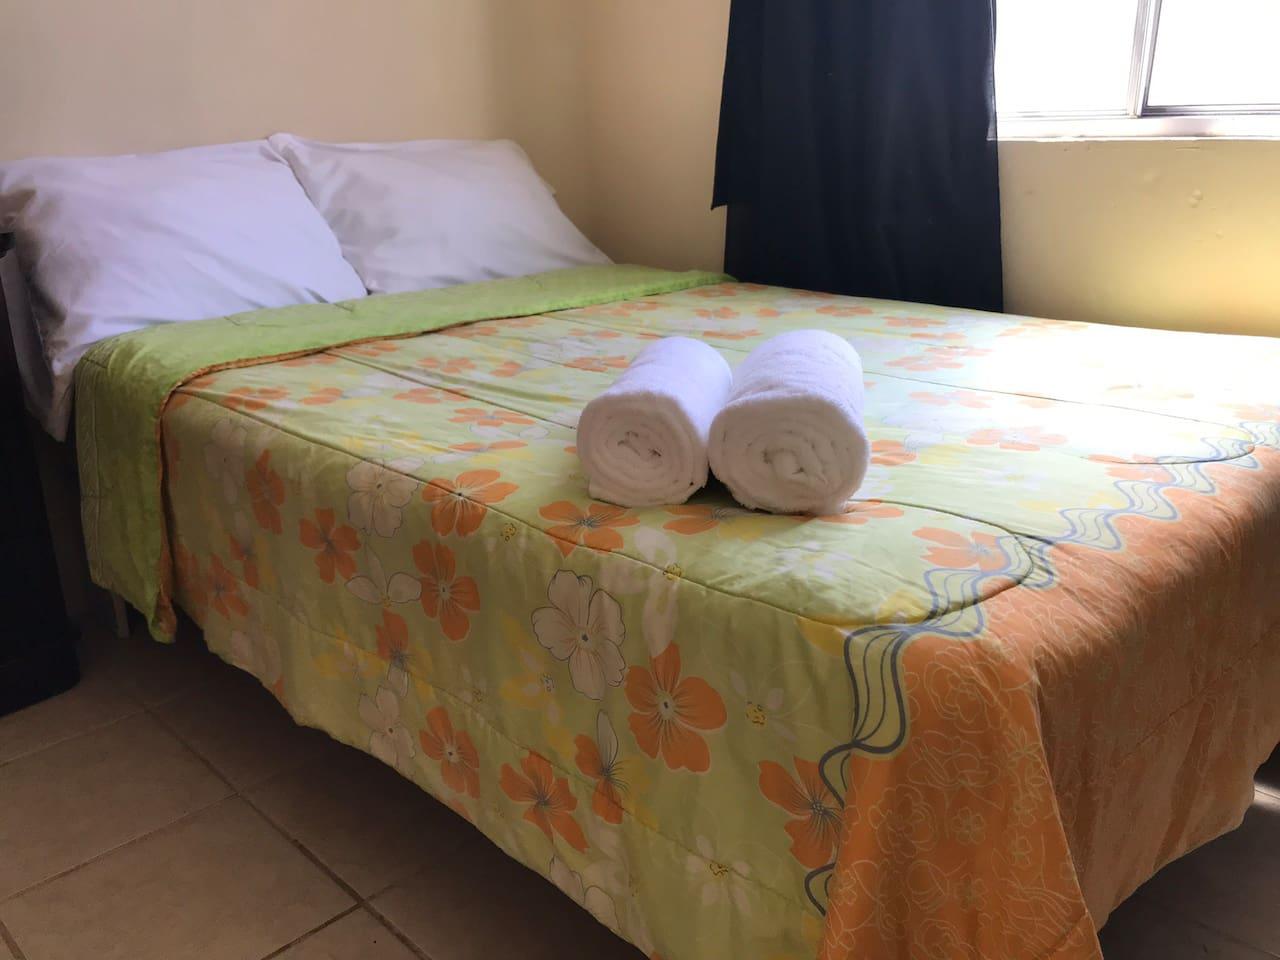 Cama, almohadas y toallas de baño.